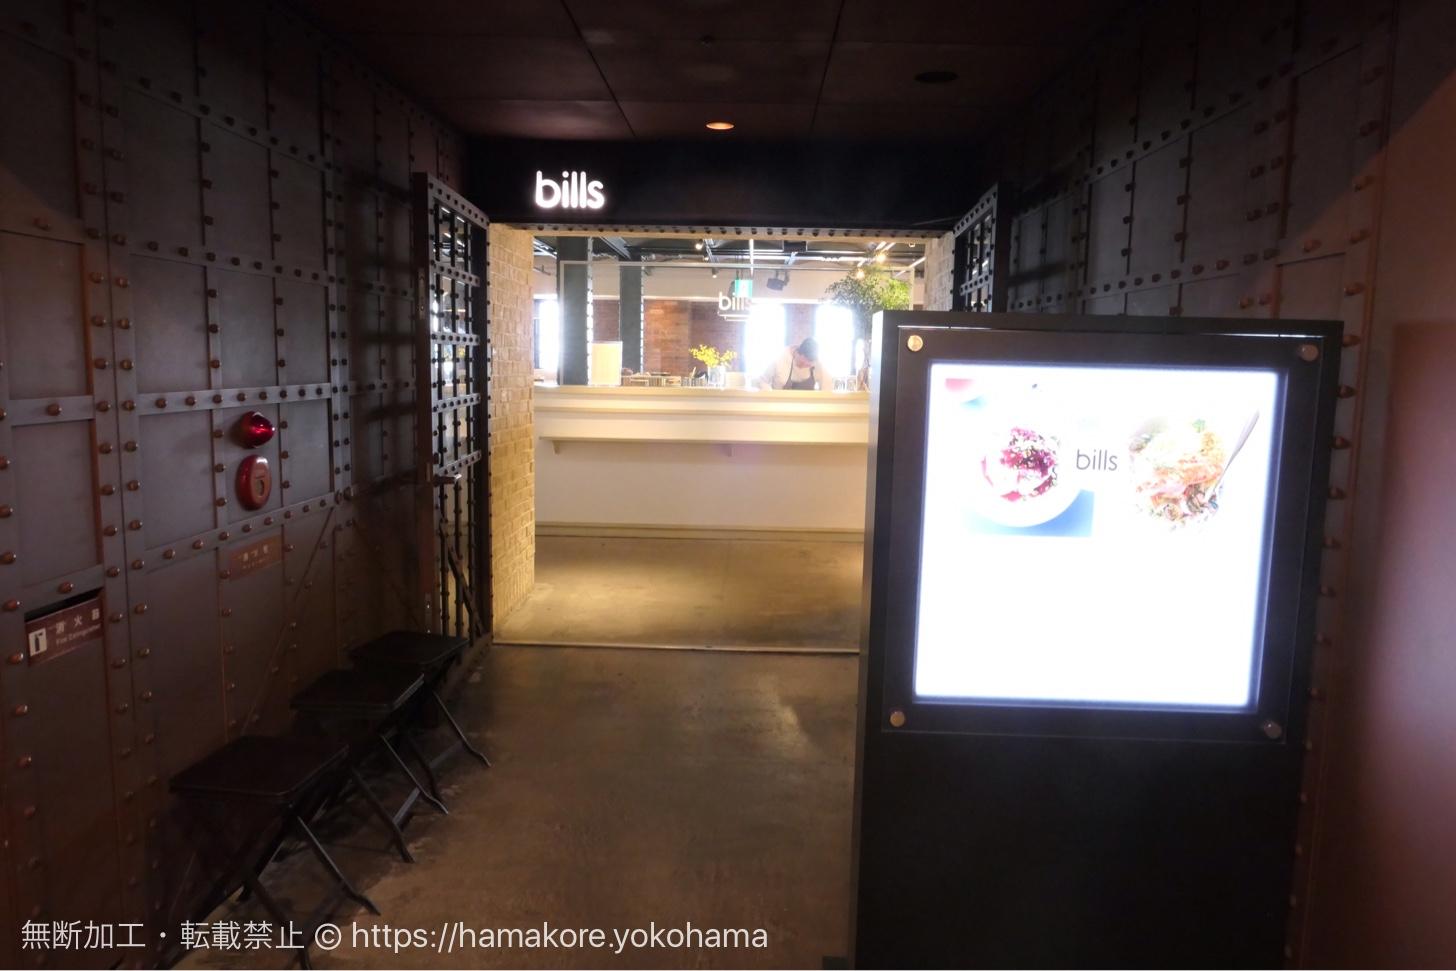 ビルズ 横浜赤レンガ倉庫 入り口